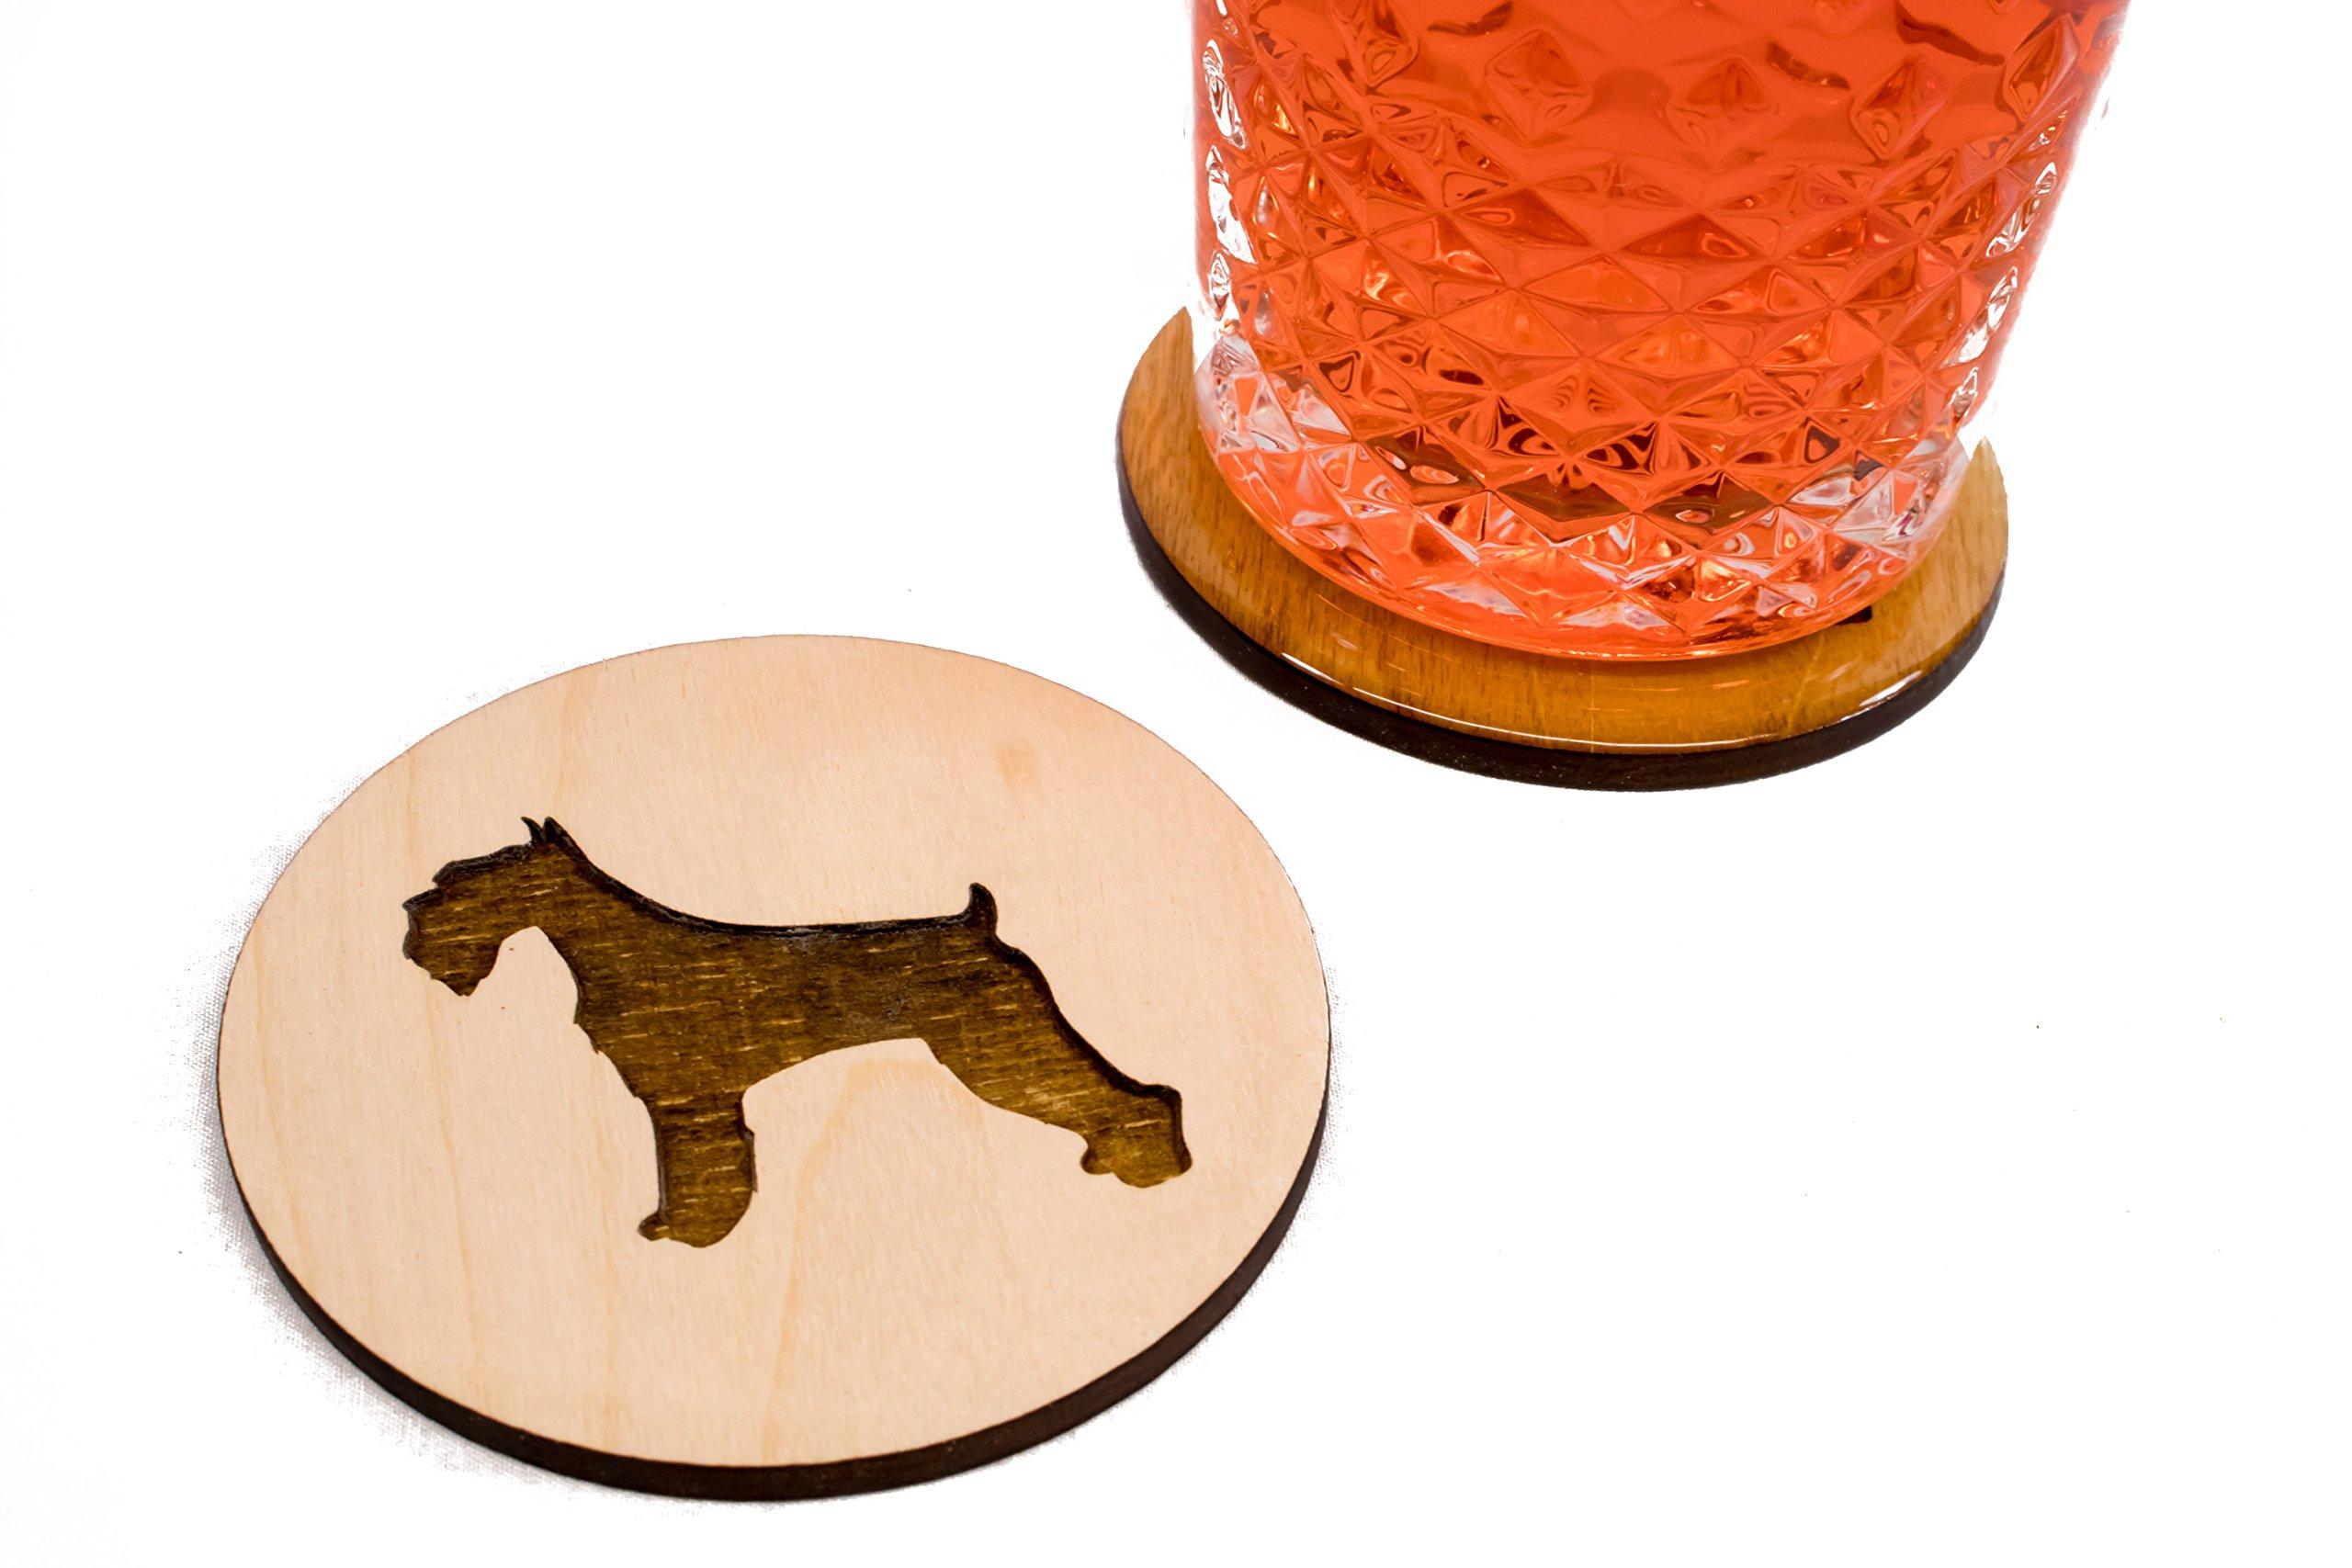 Unfinished Miniature Schnauzer Coasters - Set of 4 Handmade Engraved 3.5'' Round Wood Stocking gift